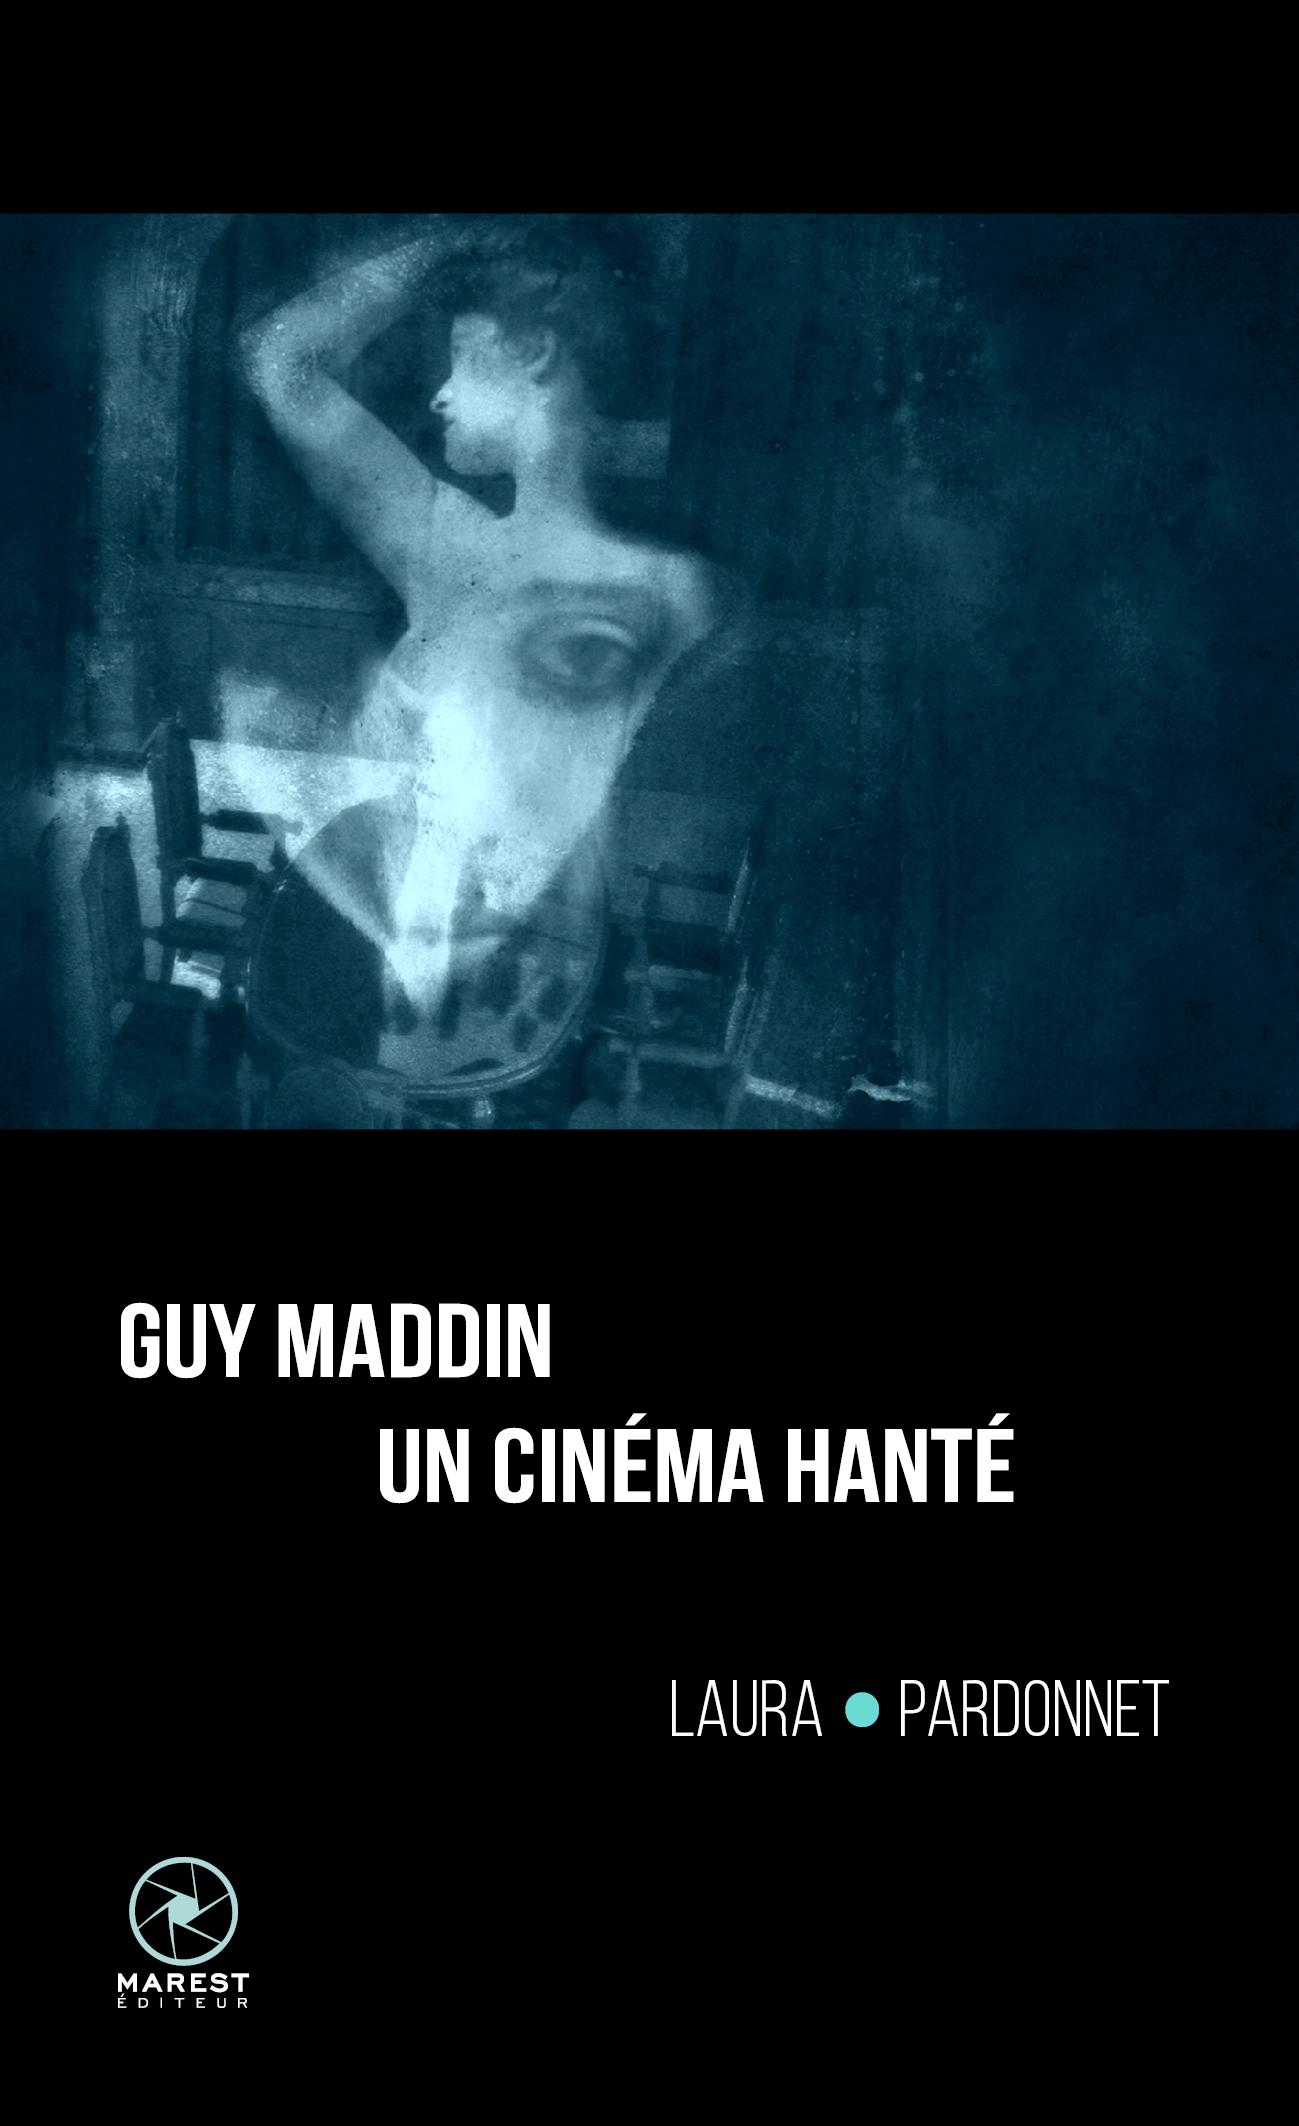 GUY MADDIN, UN CINEMA HANTE